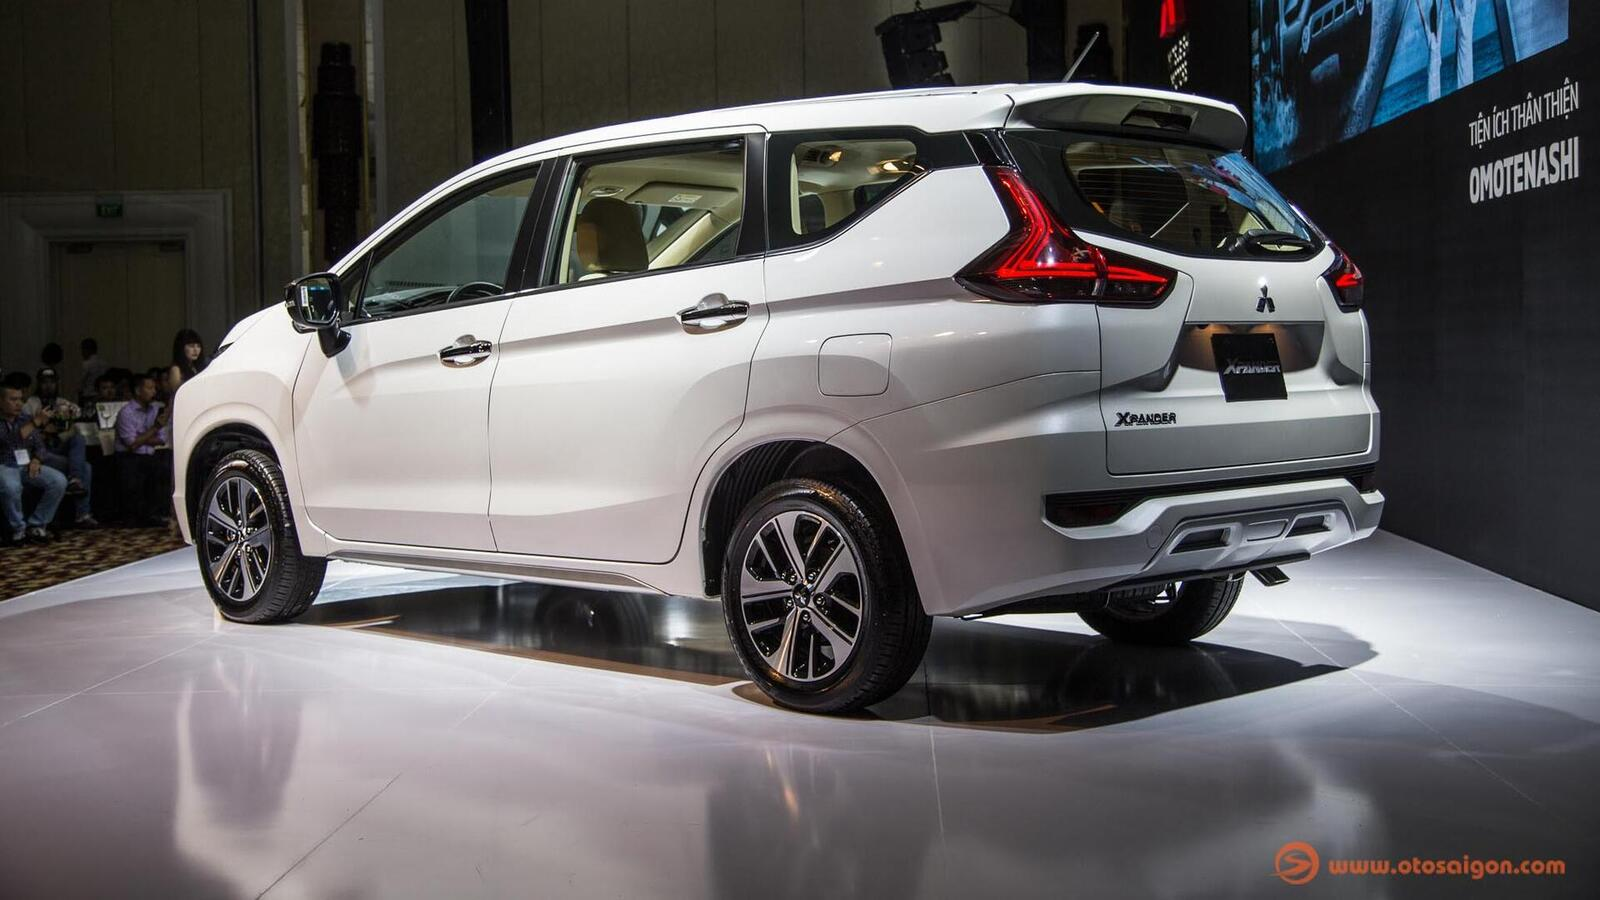 Mitsubishi Xpander đạt doanh số hơn 2.000 chiếc trong tháng 05/2019 - Hình 8